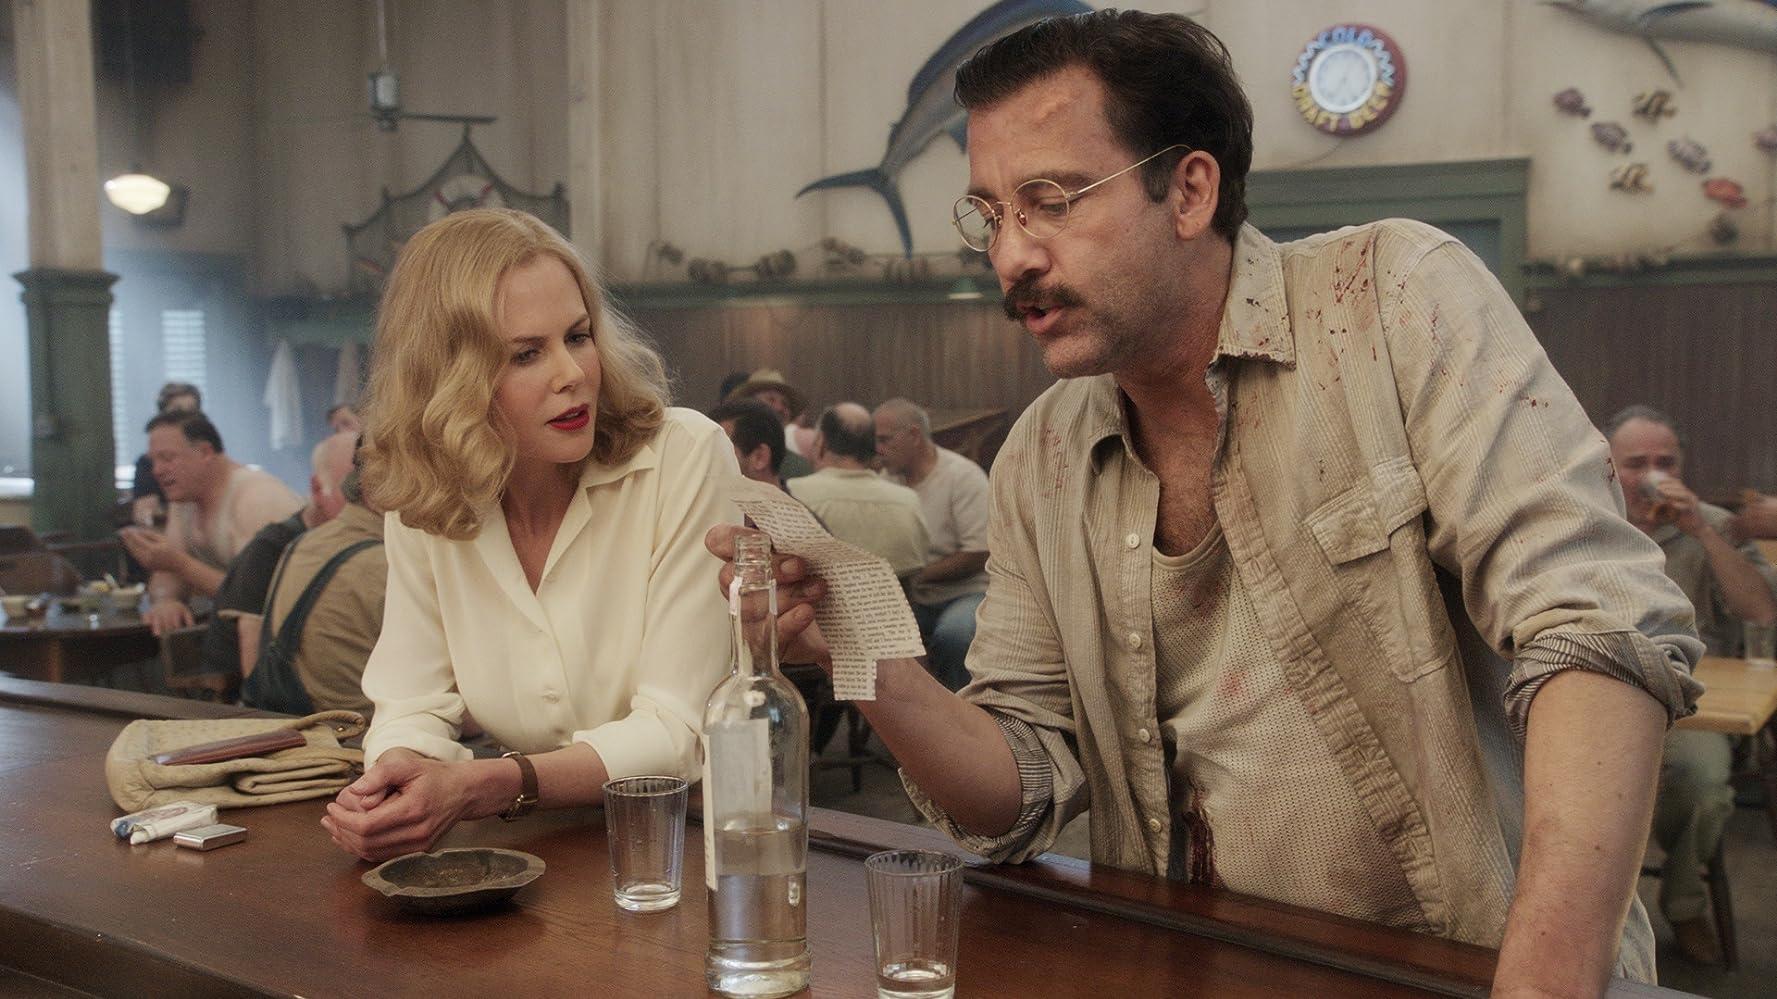 Nicole Kidman and Clive Owen in Hemingway & Gellhorn (2012)